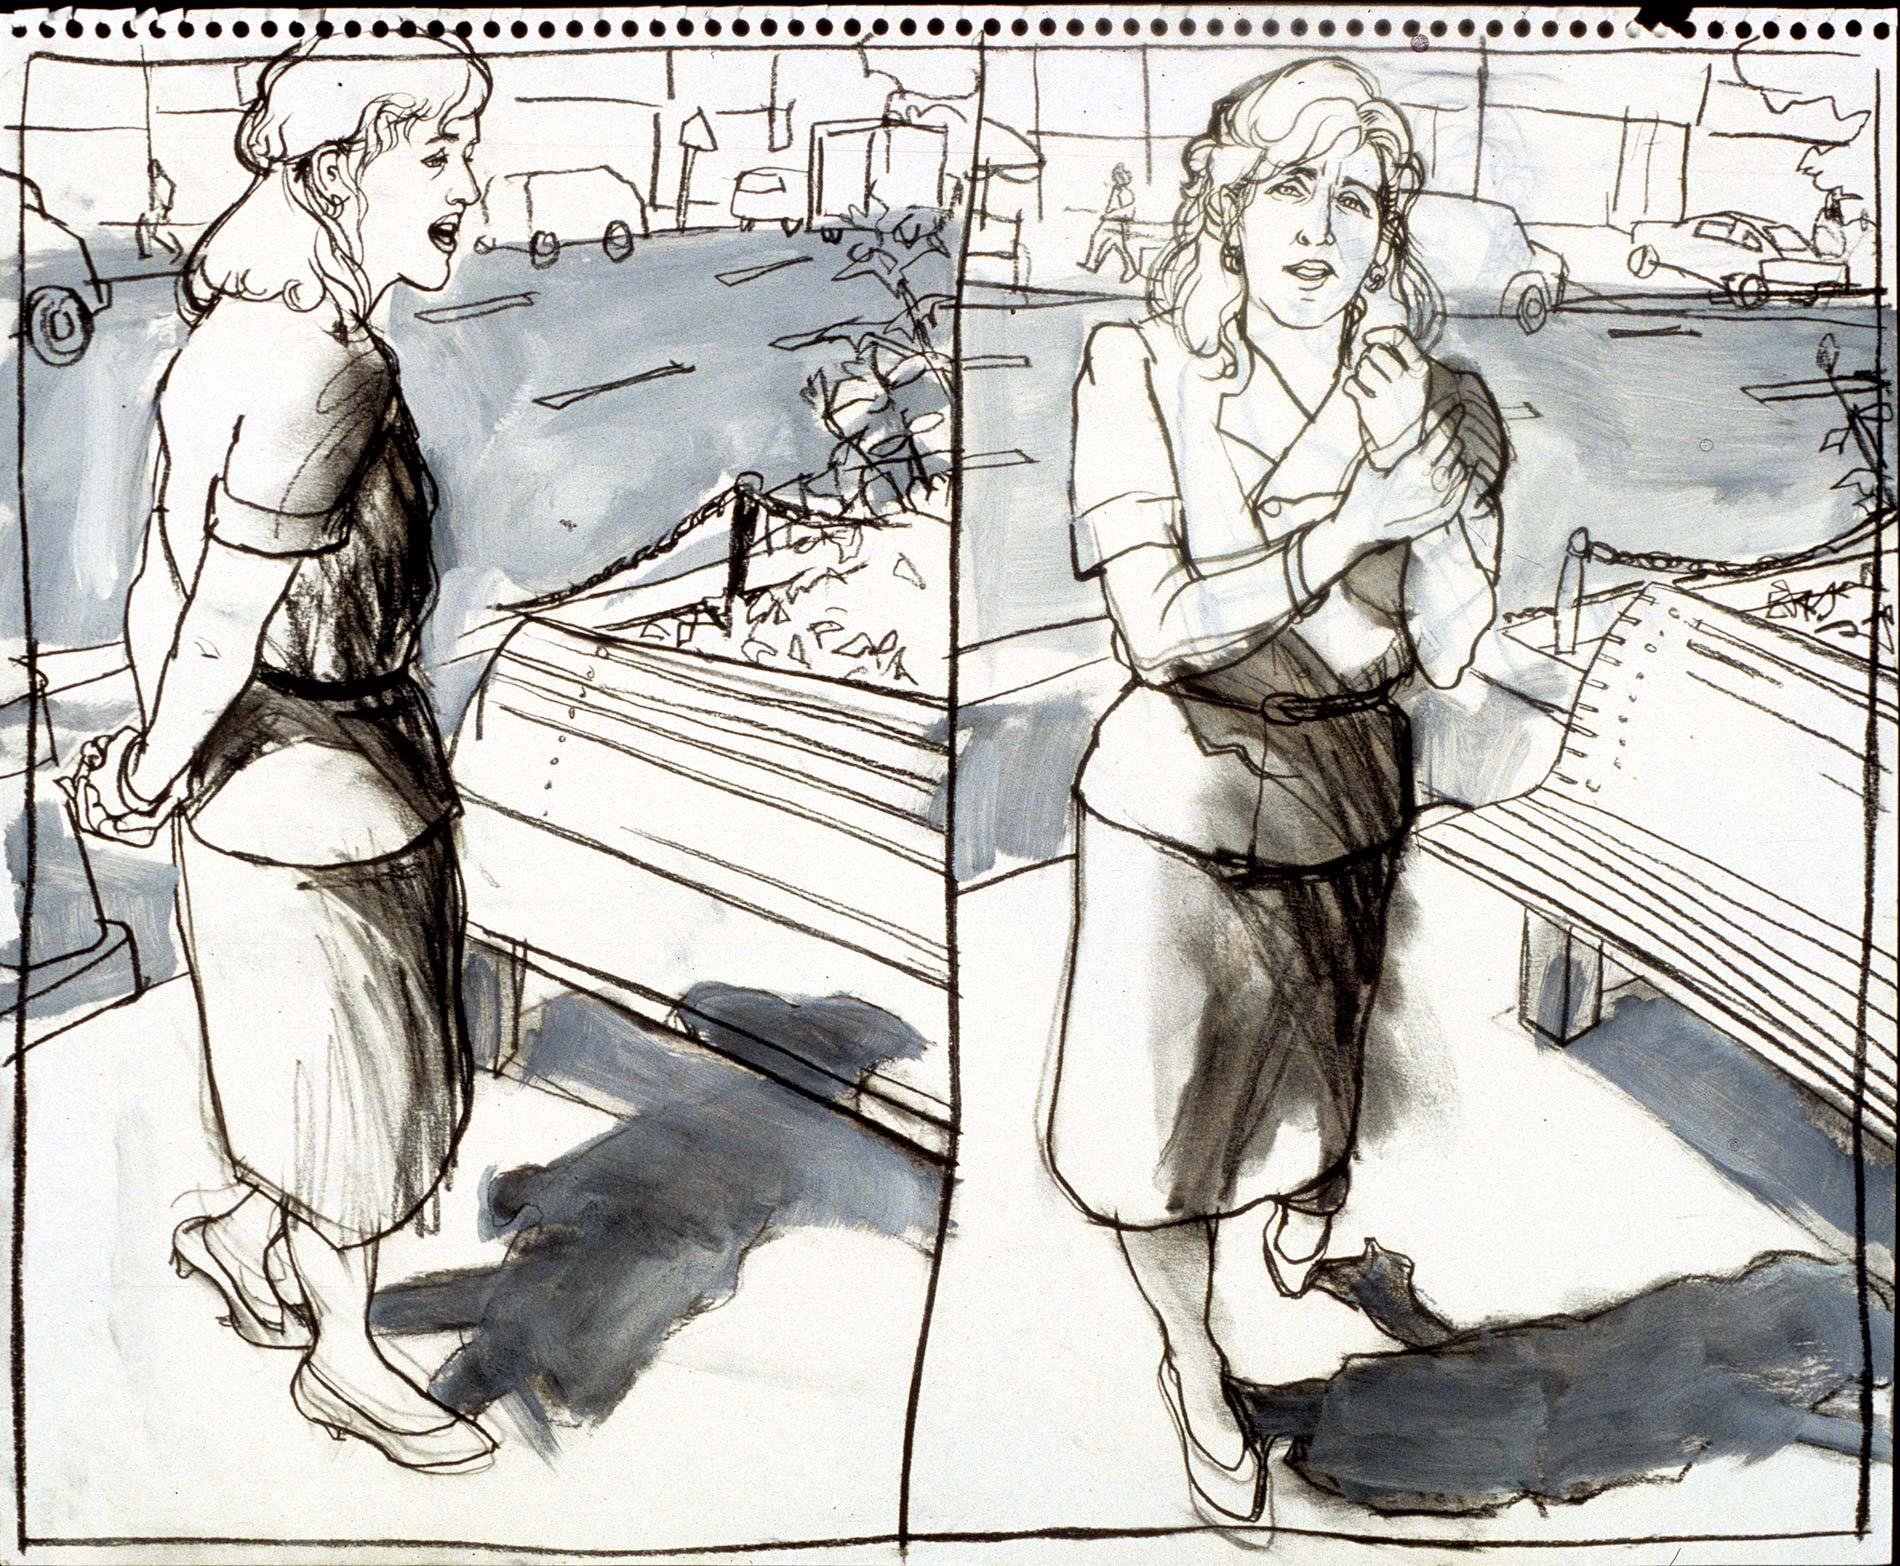 NYT-arrest-on-GW-bridge.jpg